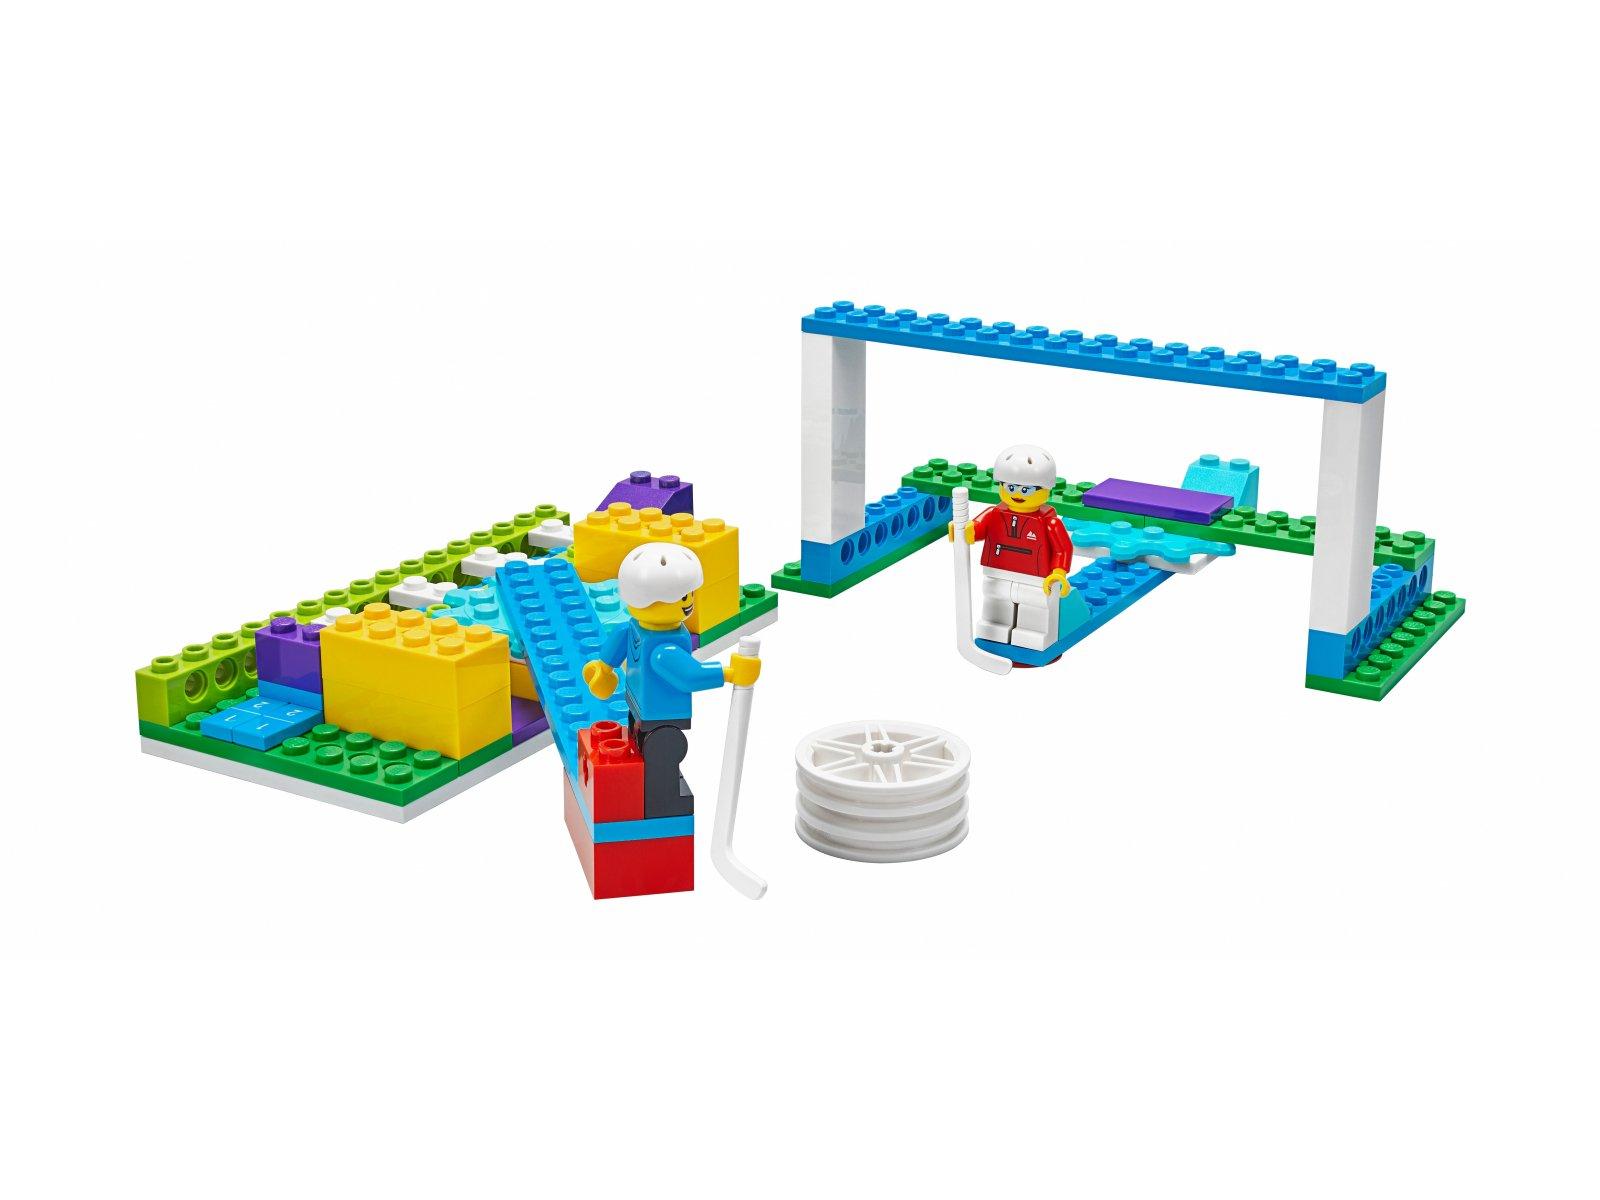 LEGO 45401 BricQ Motion Essential